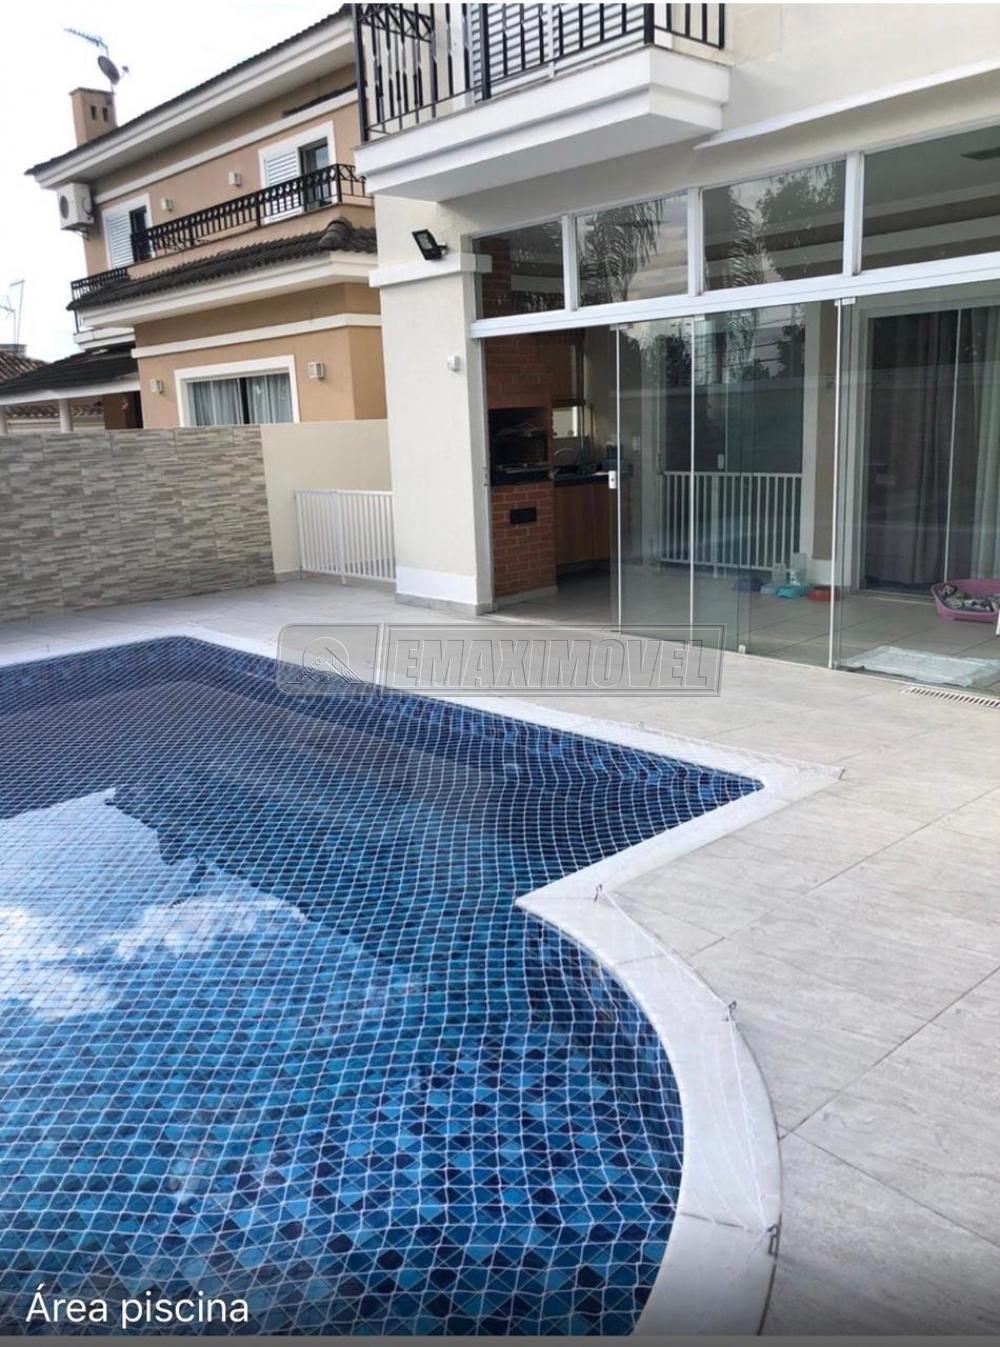 Comprar Casa / em Condomínios em Sorocaba R$ 950.000,00 - Foto 41